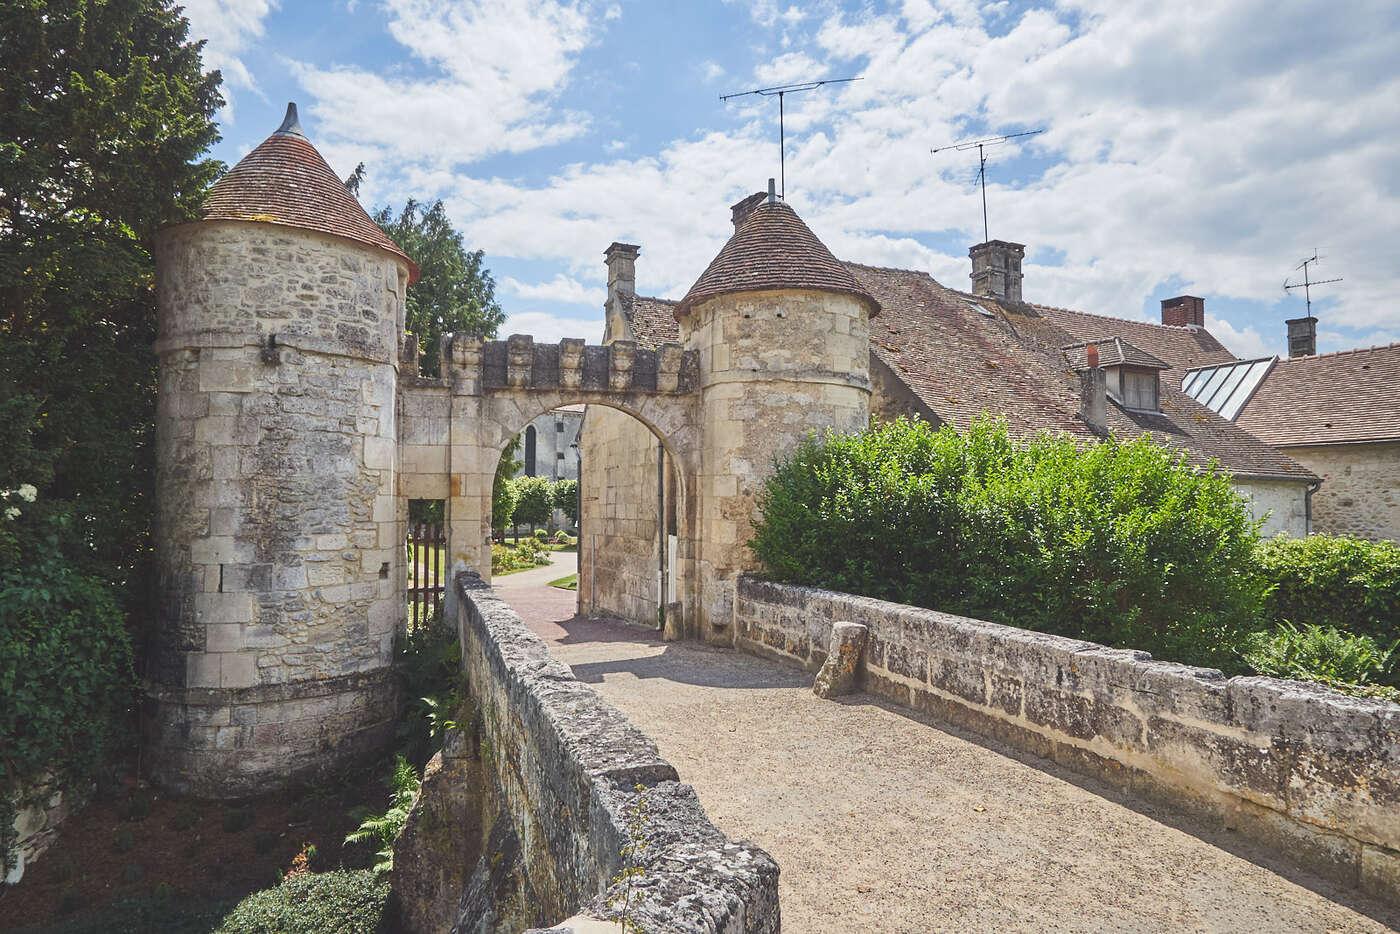 Entrée de l'abbaye de Saint-Jean-aux-Bois